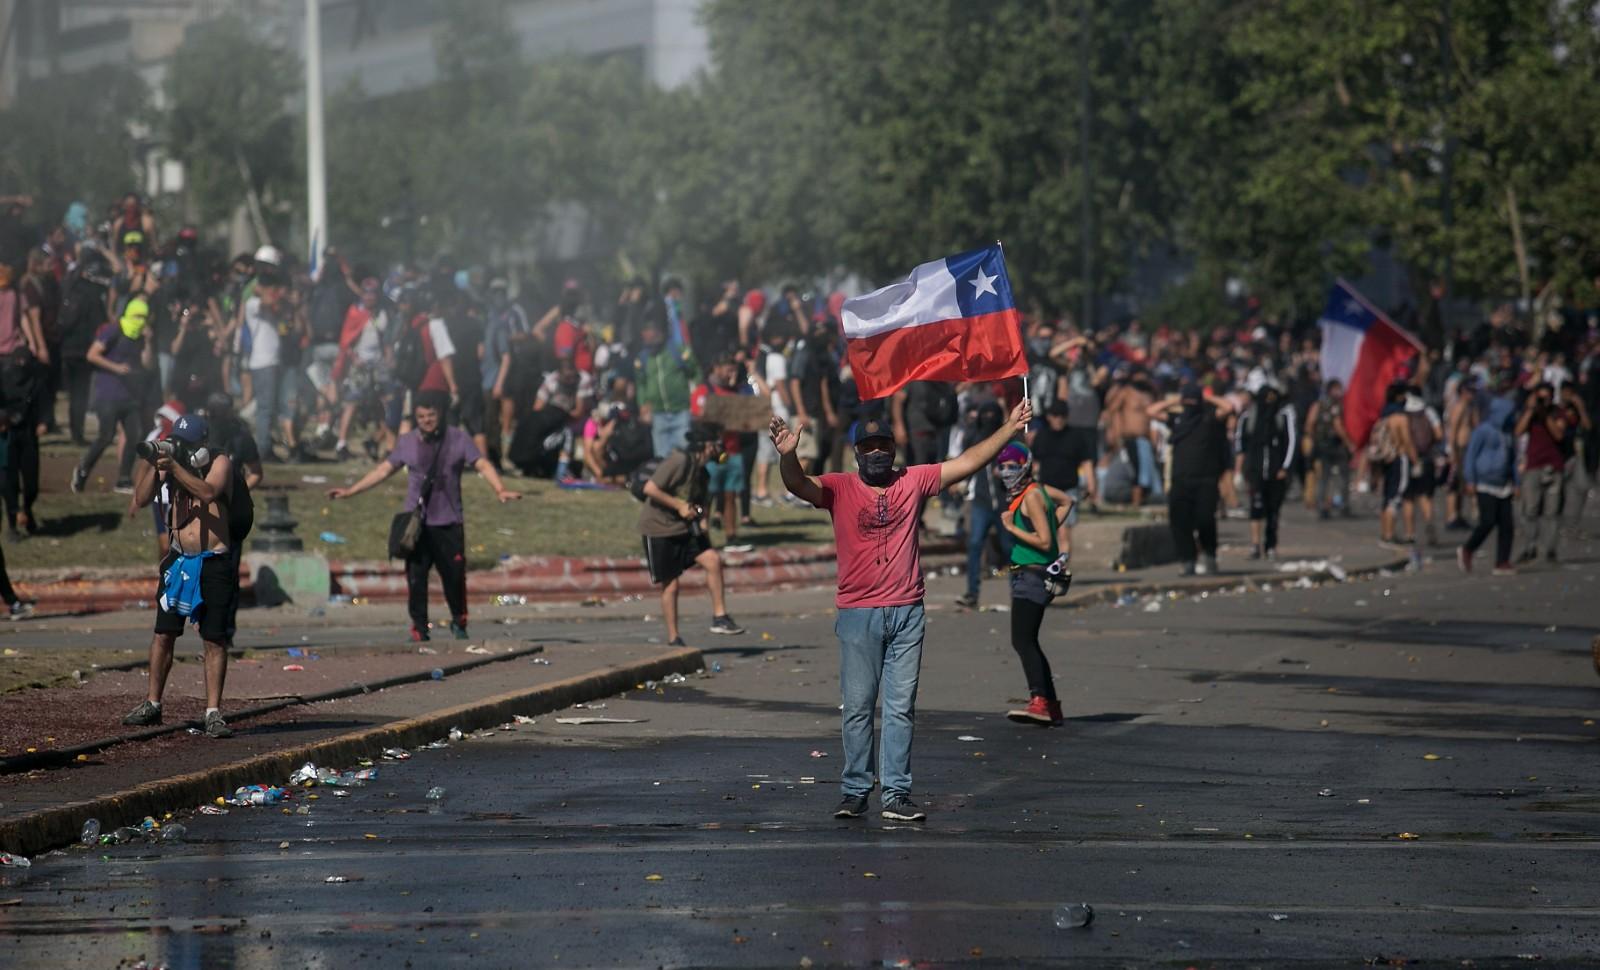 Manifestants contre la politique du Président Sebastian Pinera à Santiago du Chili le 24 octobre 2019 © Jose Miguel Rojas/SIPA Numéro de reportage: 00929562_000008